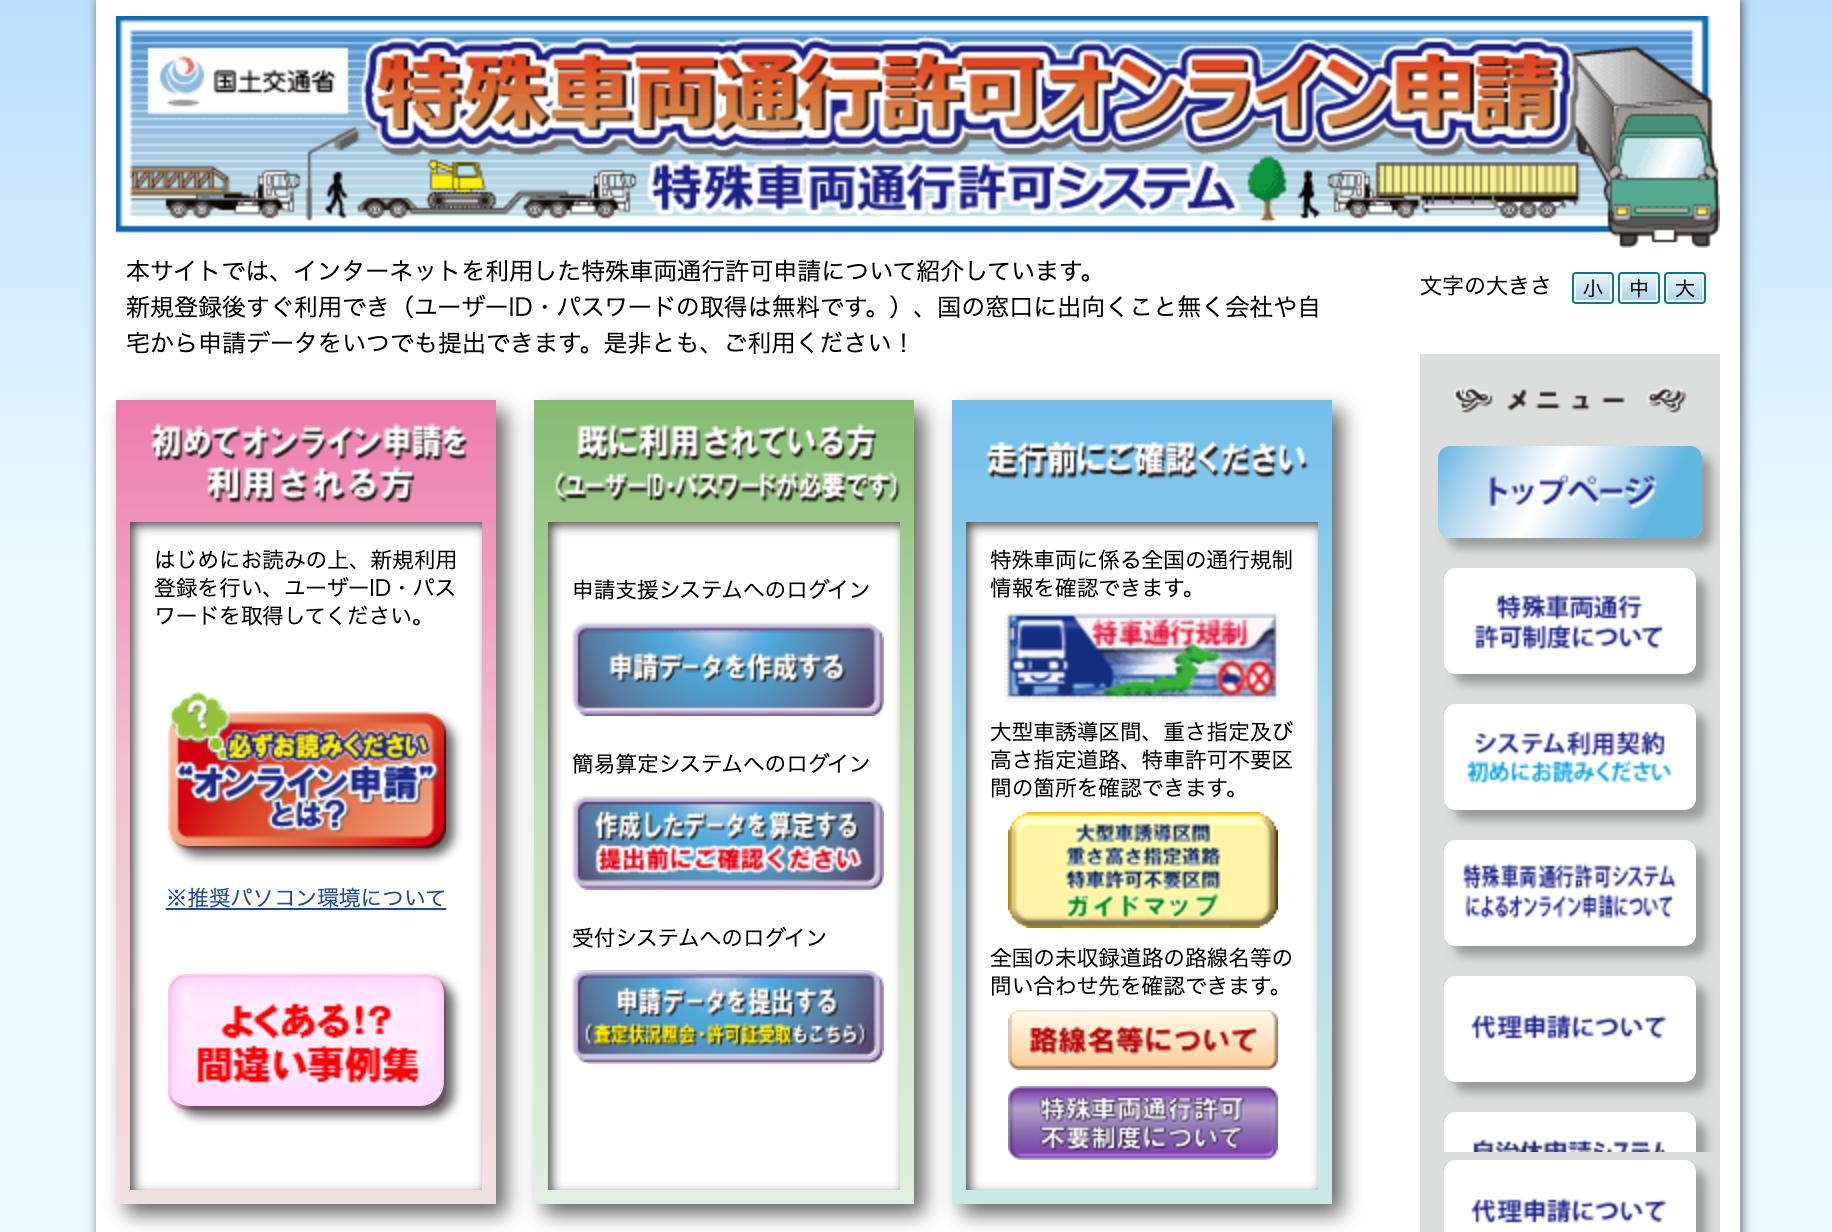 「特殊車両通行許可申請におけるオンライン申請」特設サイト